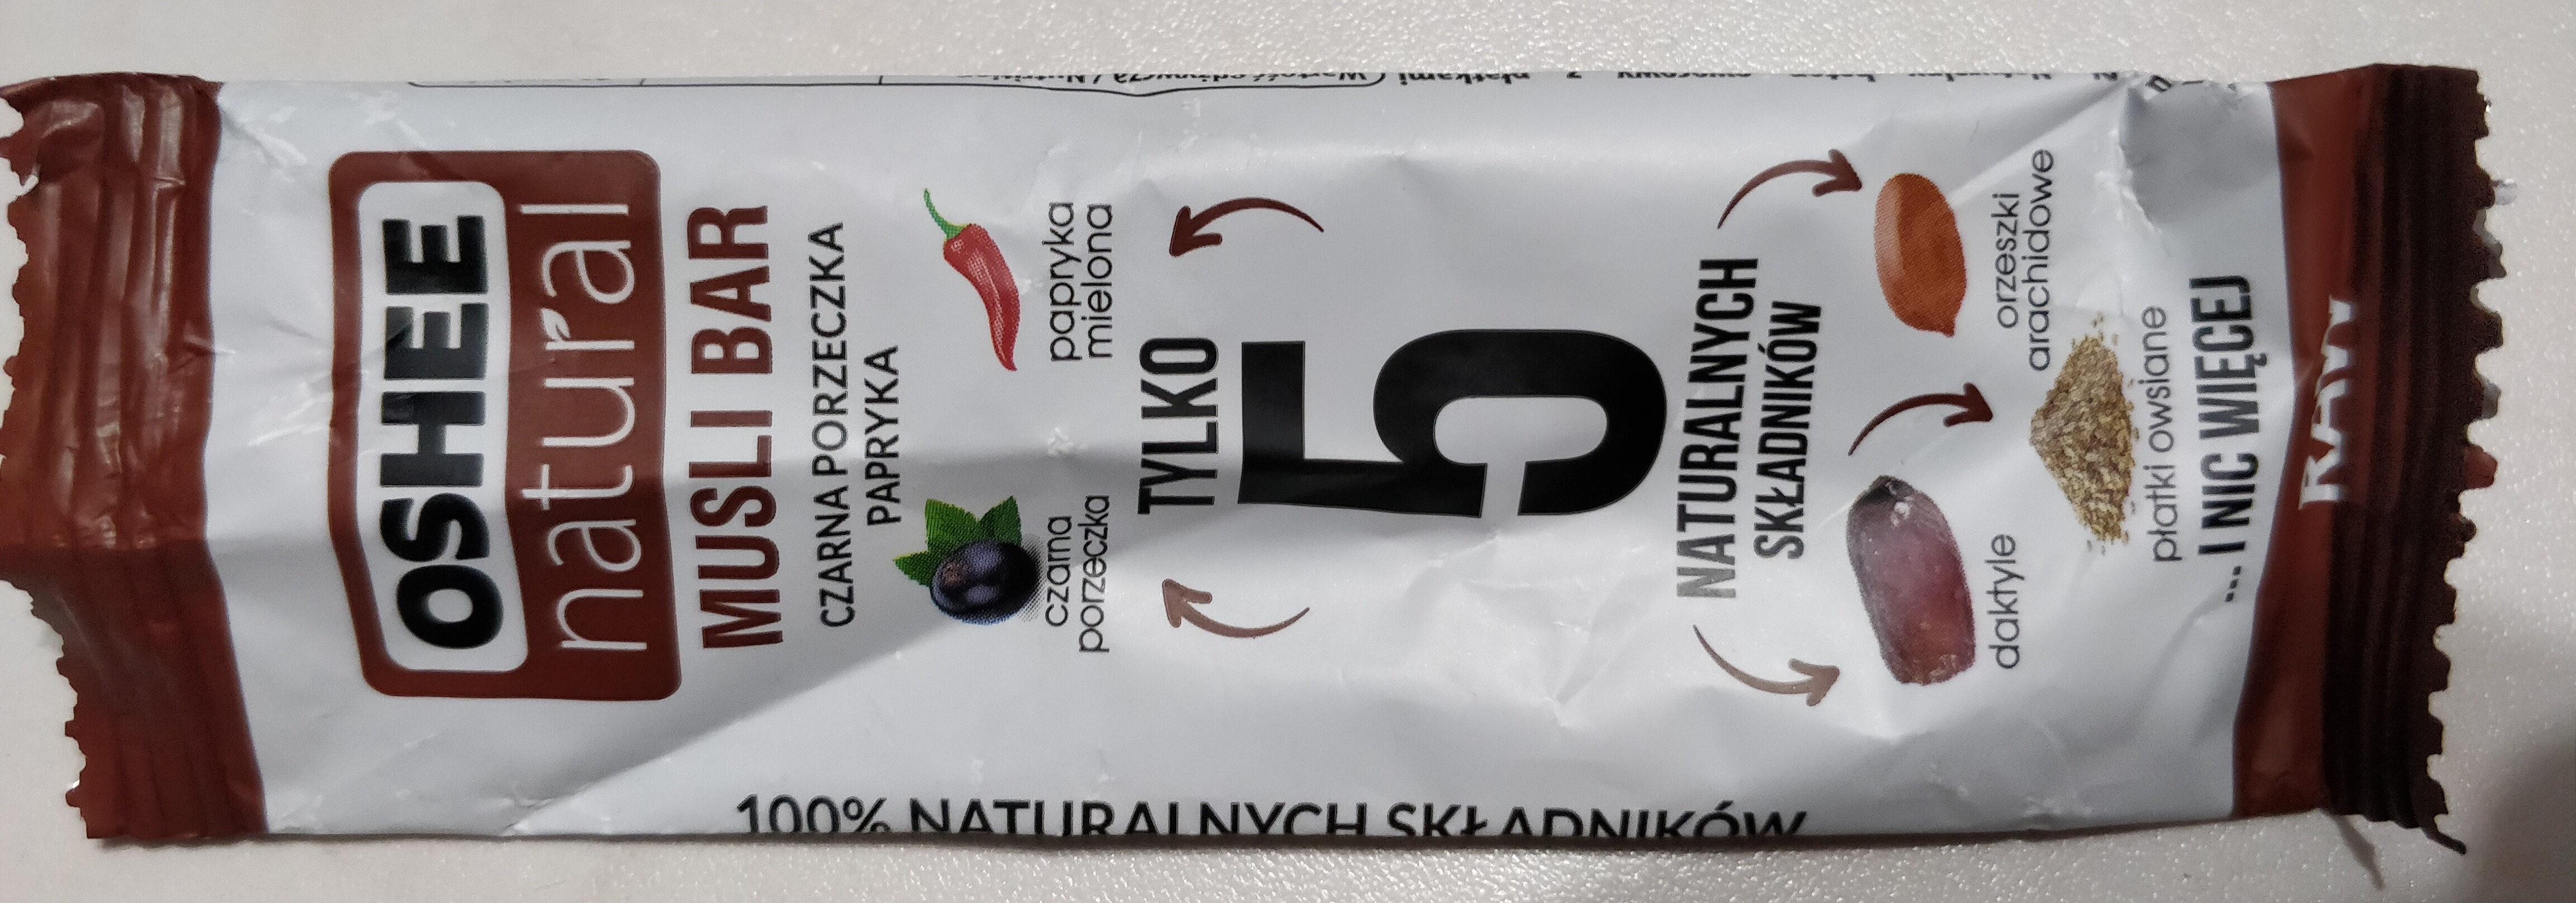 Musli Bar czarna porzeczka papryka - Produit - pl